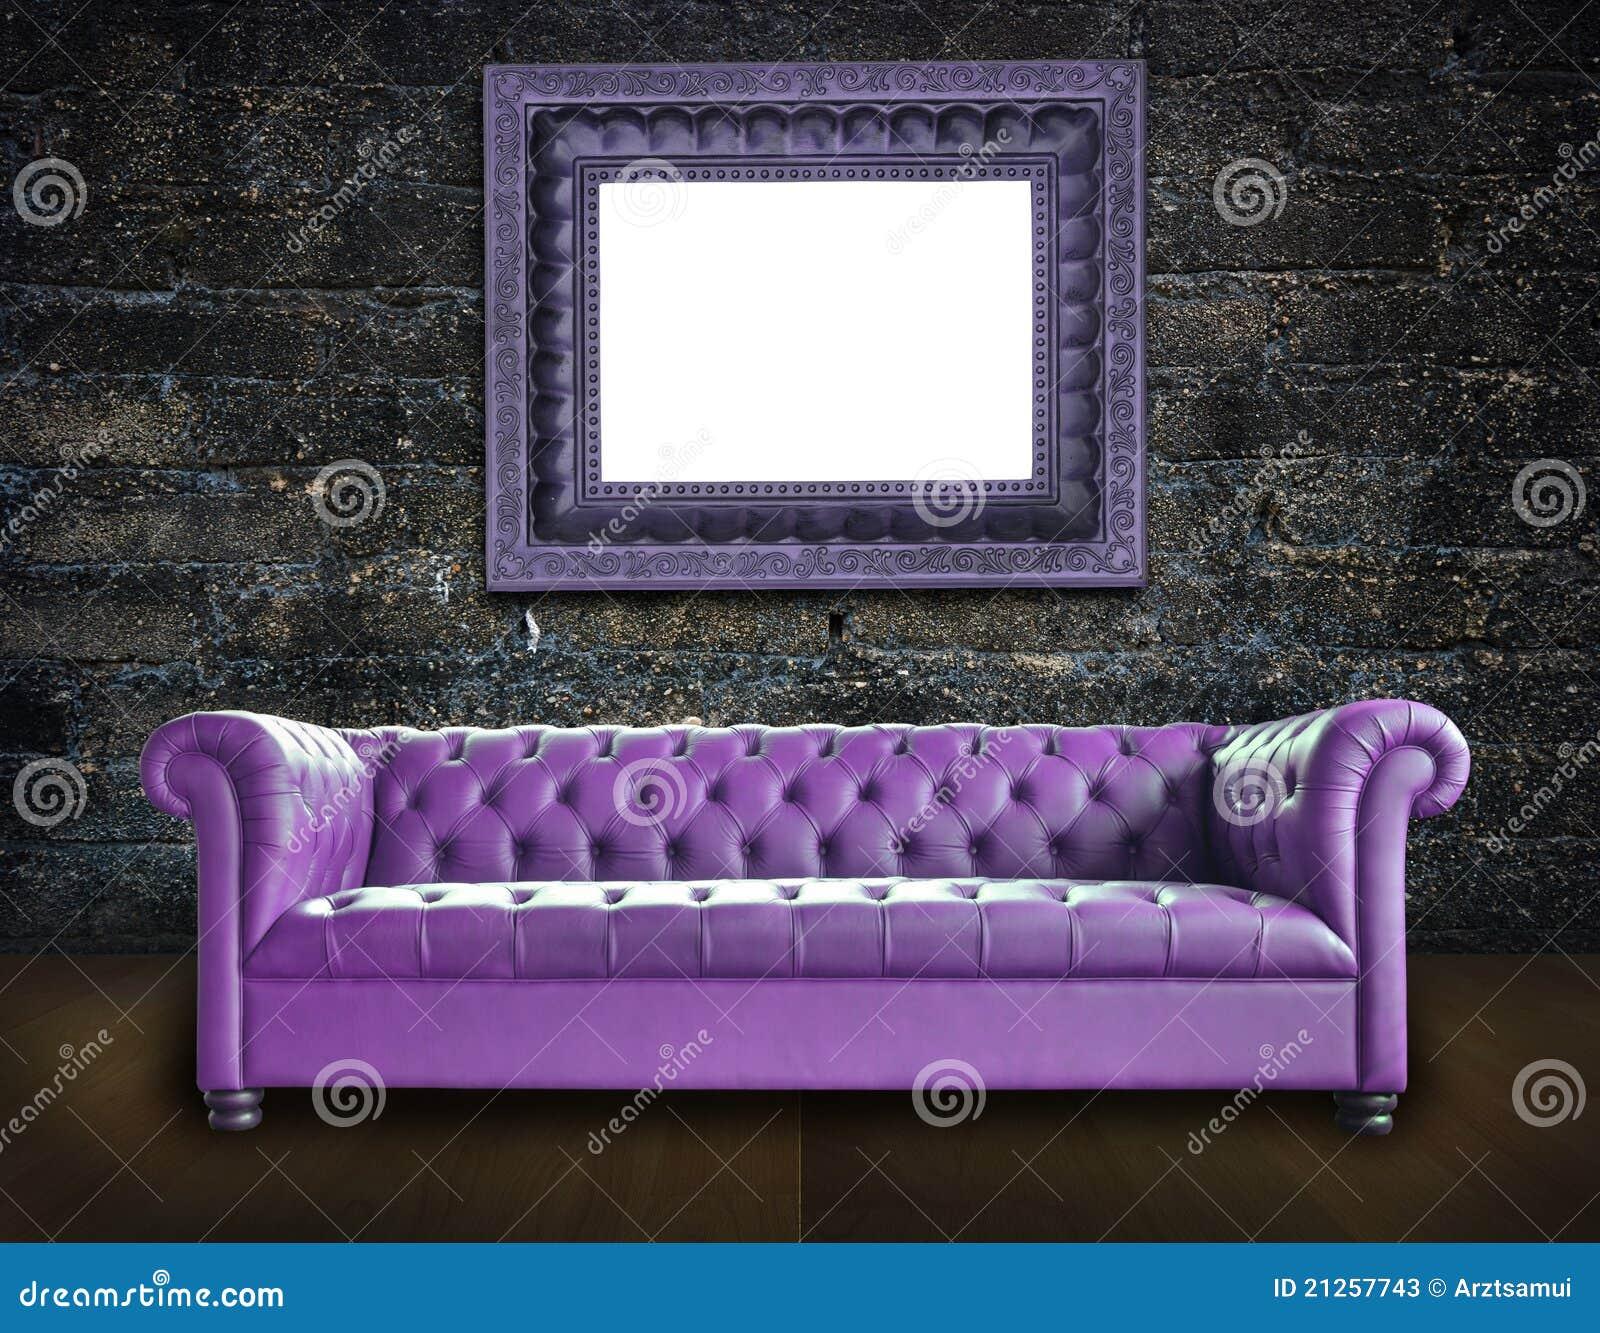 背景老空间唯一沙发样式葡萄酒.图片